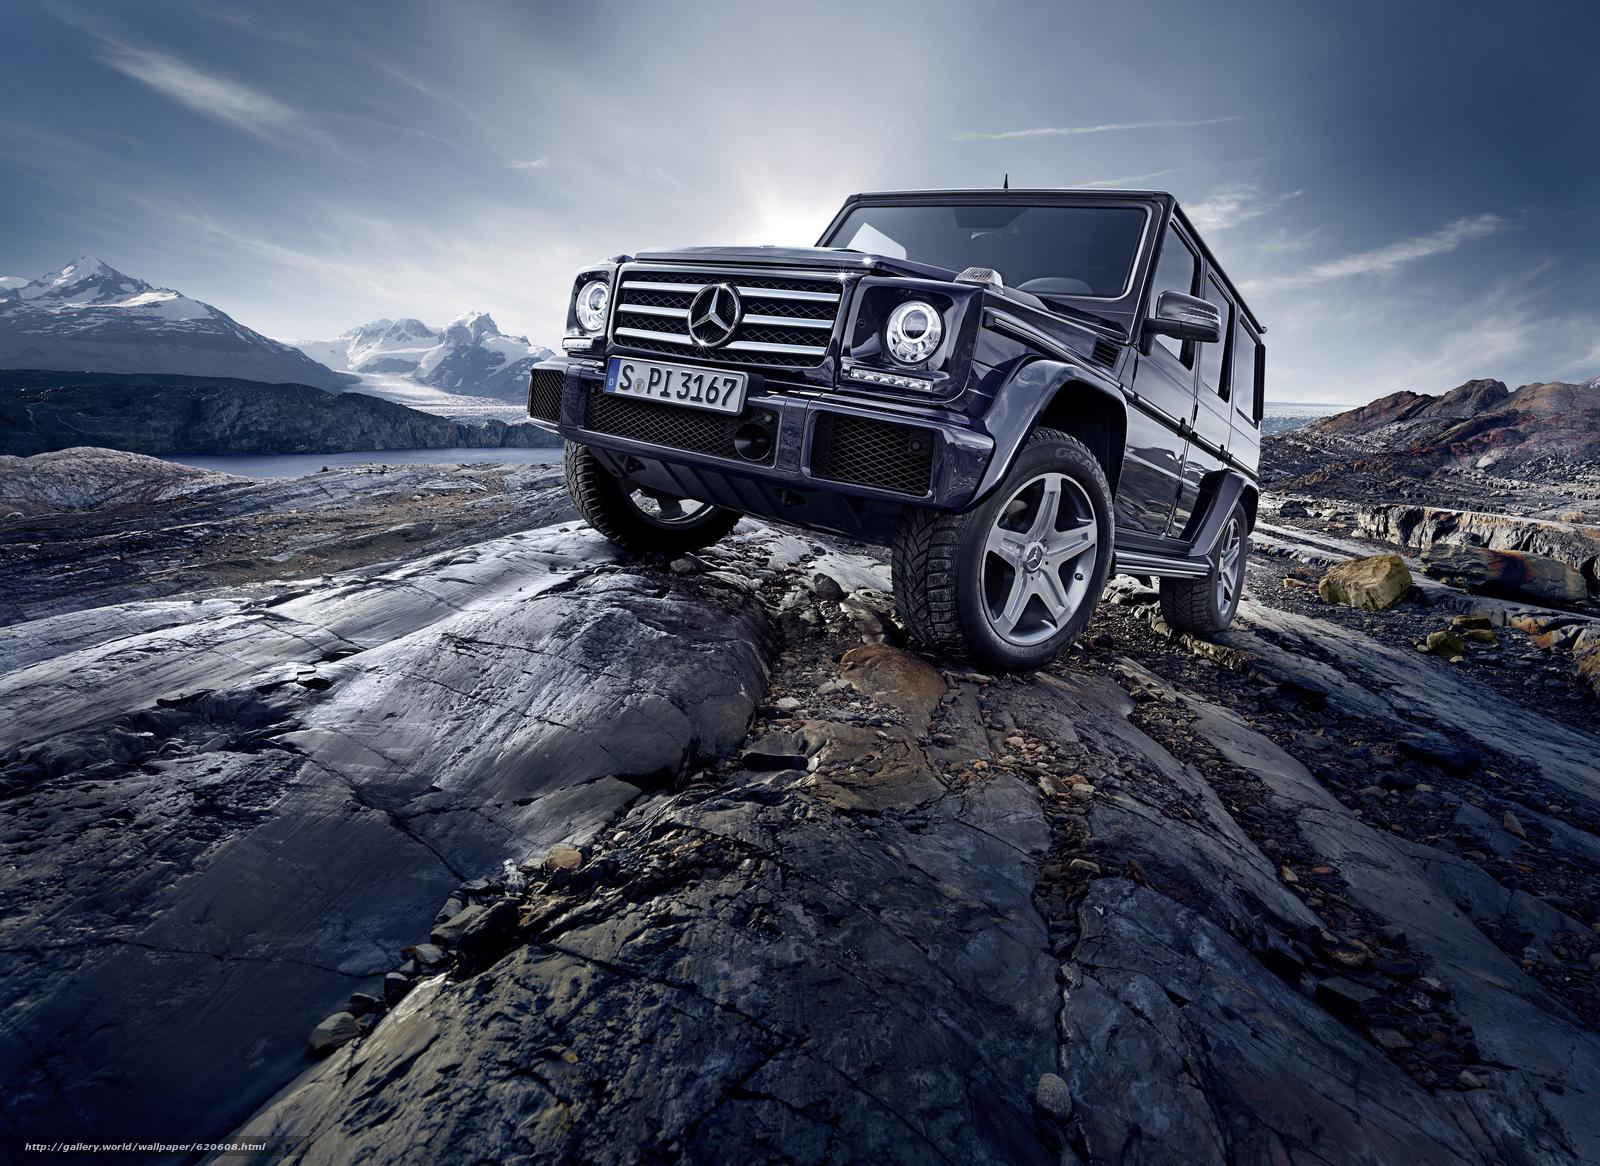 Скачать обои Mercedes-Benz,  G-Class,  Gelandewagen бесплатно для рабочего стола в разрешении 4961x3616 — картинка №620608